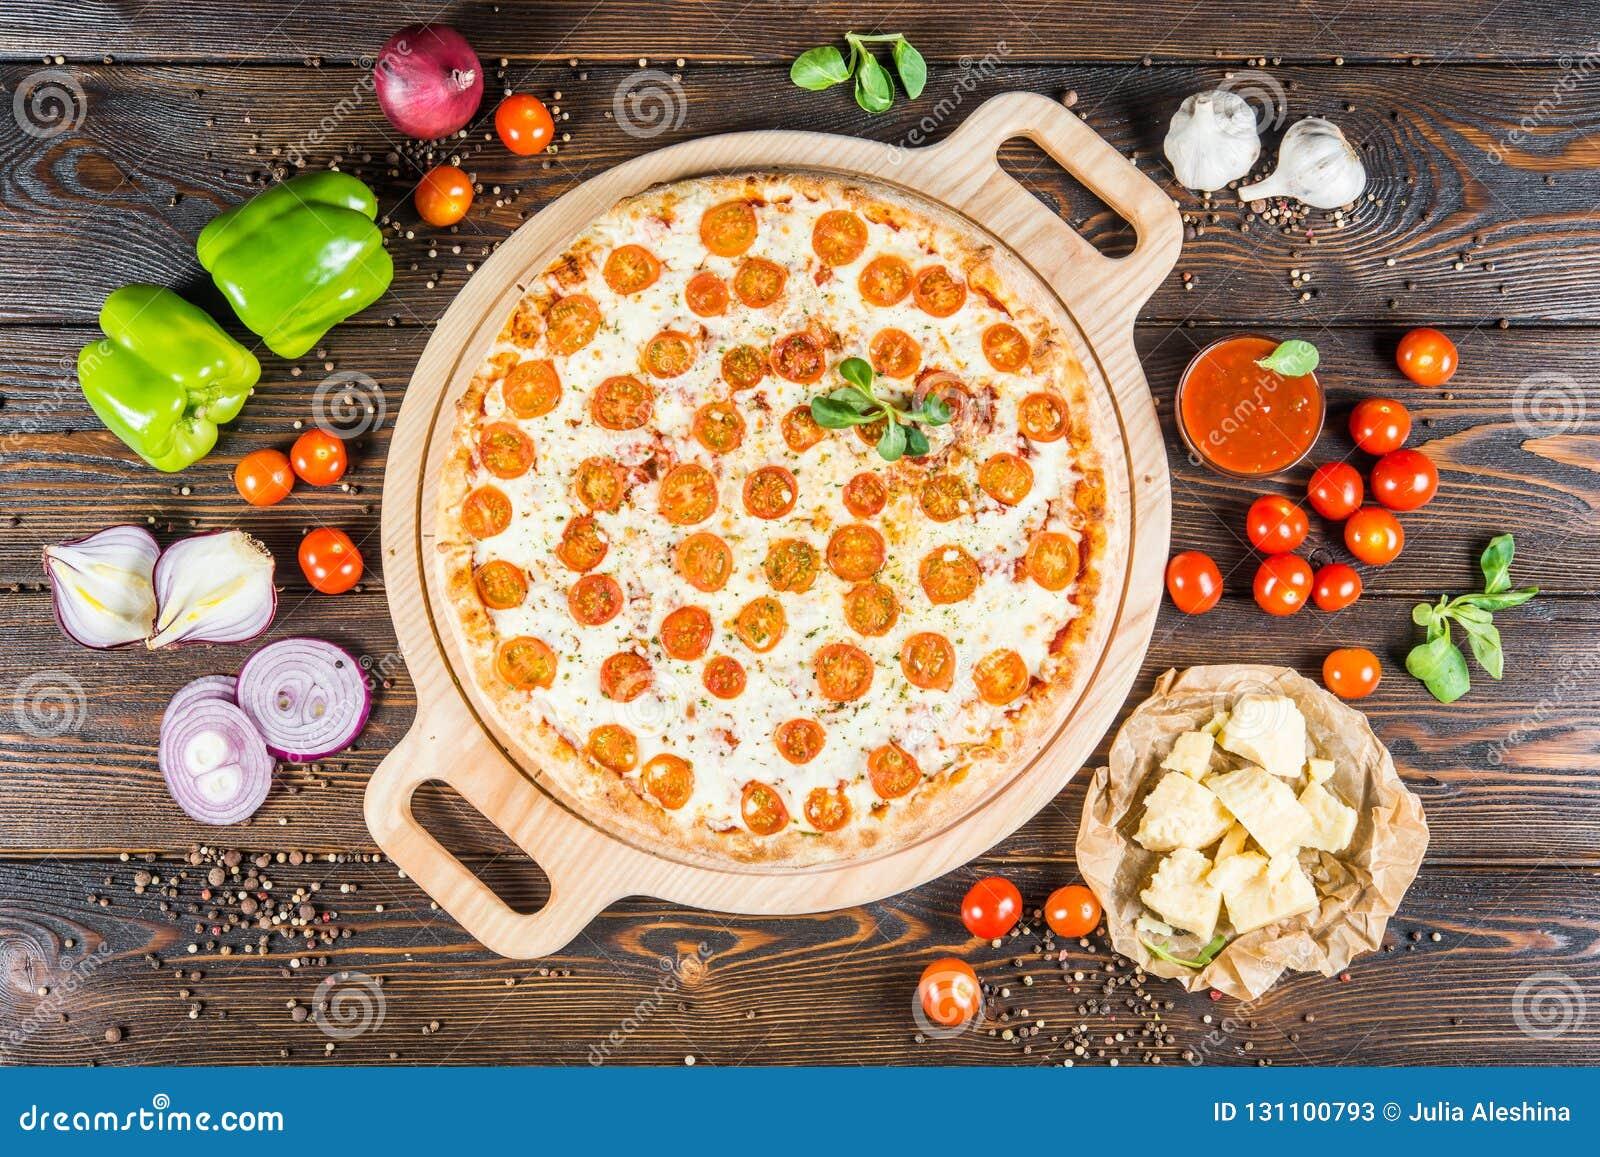 Grote pizza 'Margarita 'met kaas en tomaten om scherpe raad op een donkere houten achtergrond ingrediënten